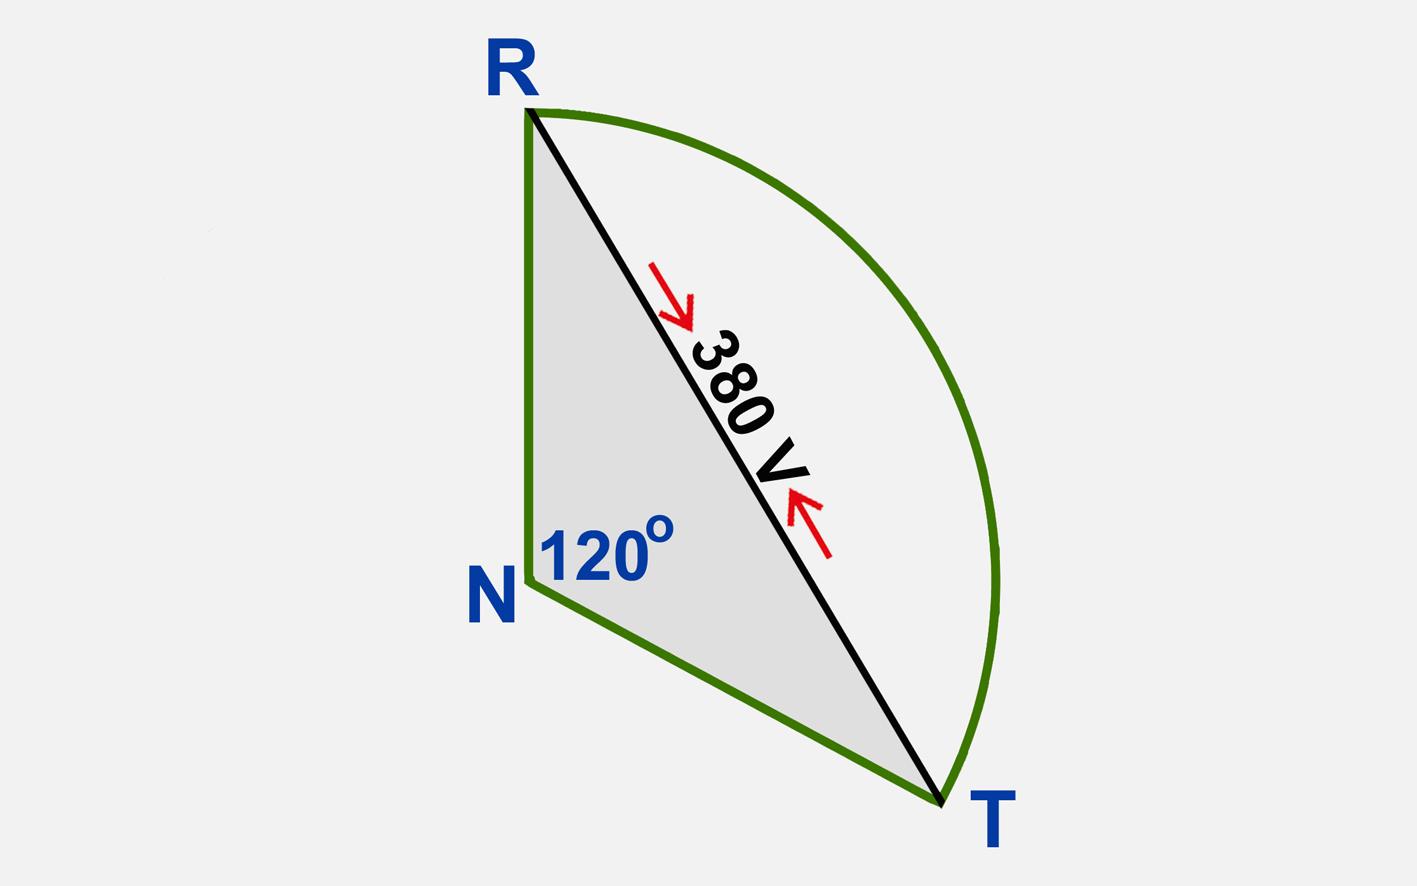 Rumus Listrik 3 Phase 380 Volt Ke 1 Phase 220 Volt